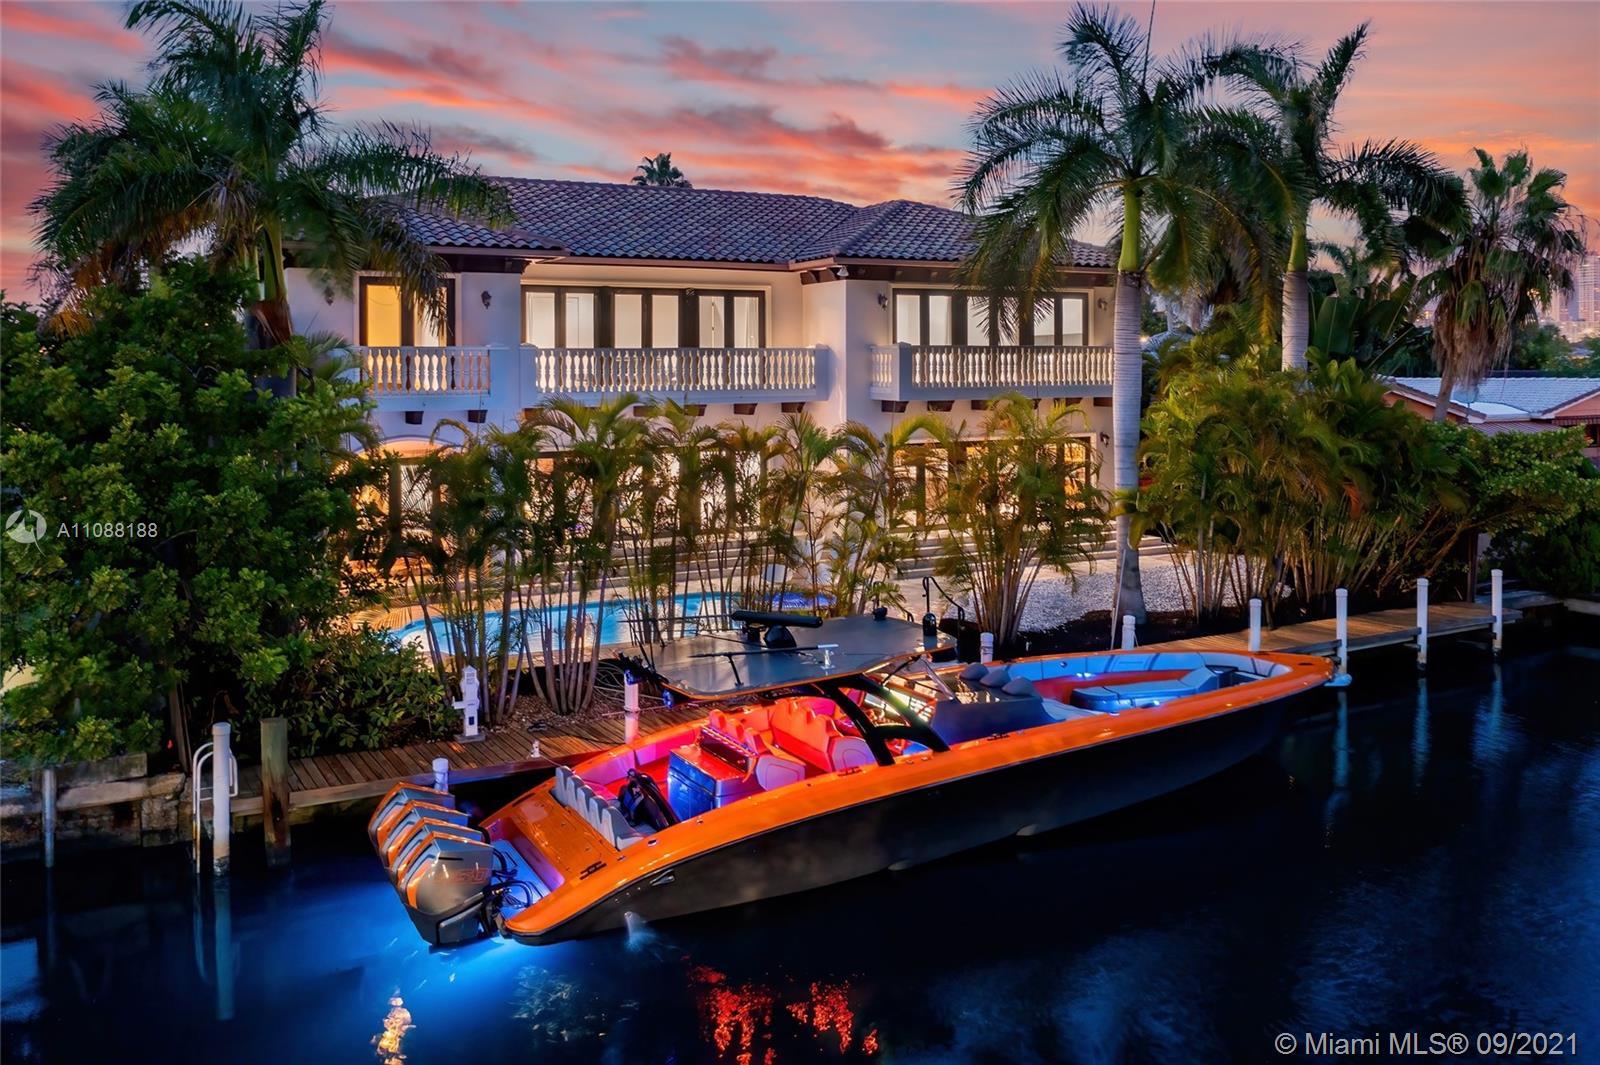 2960 164th St, North Miami Beach, Florida 33160